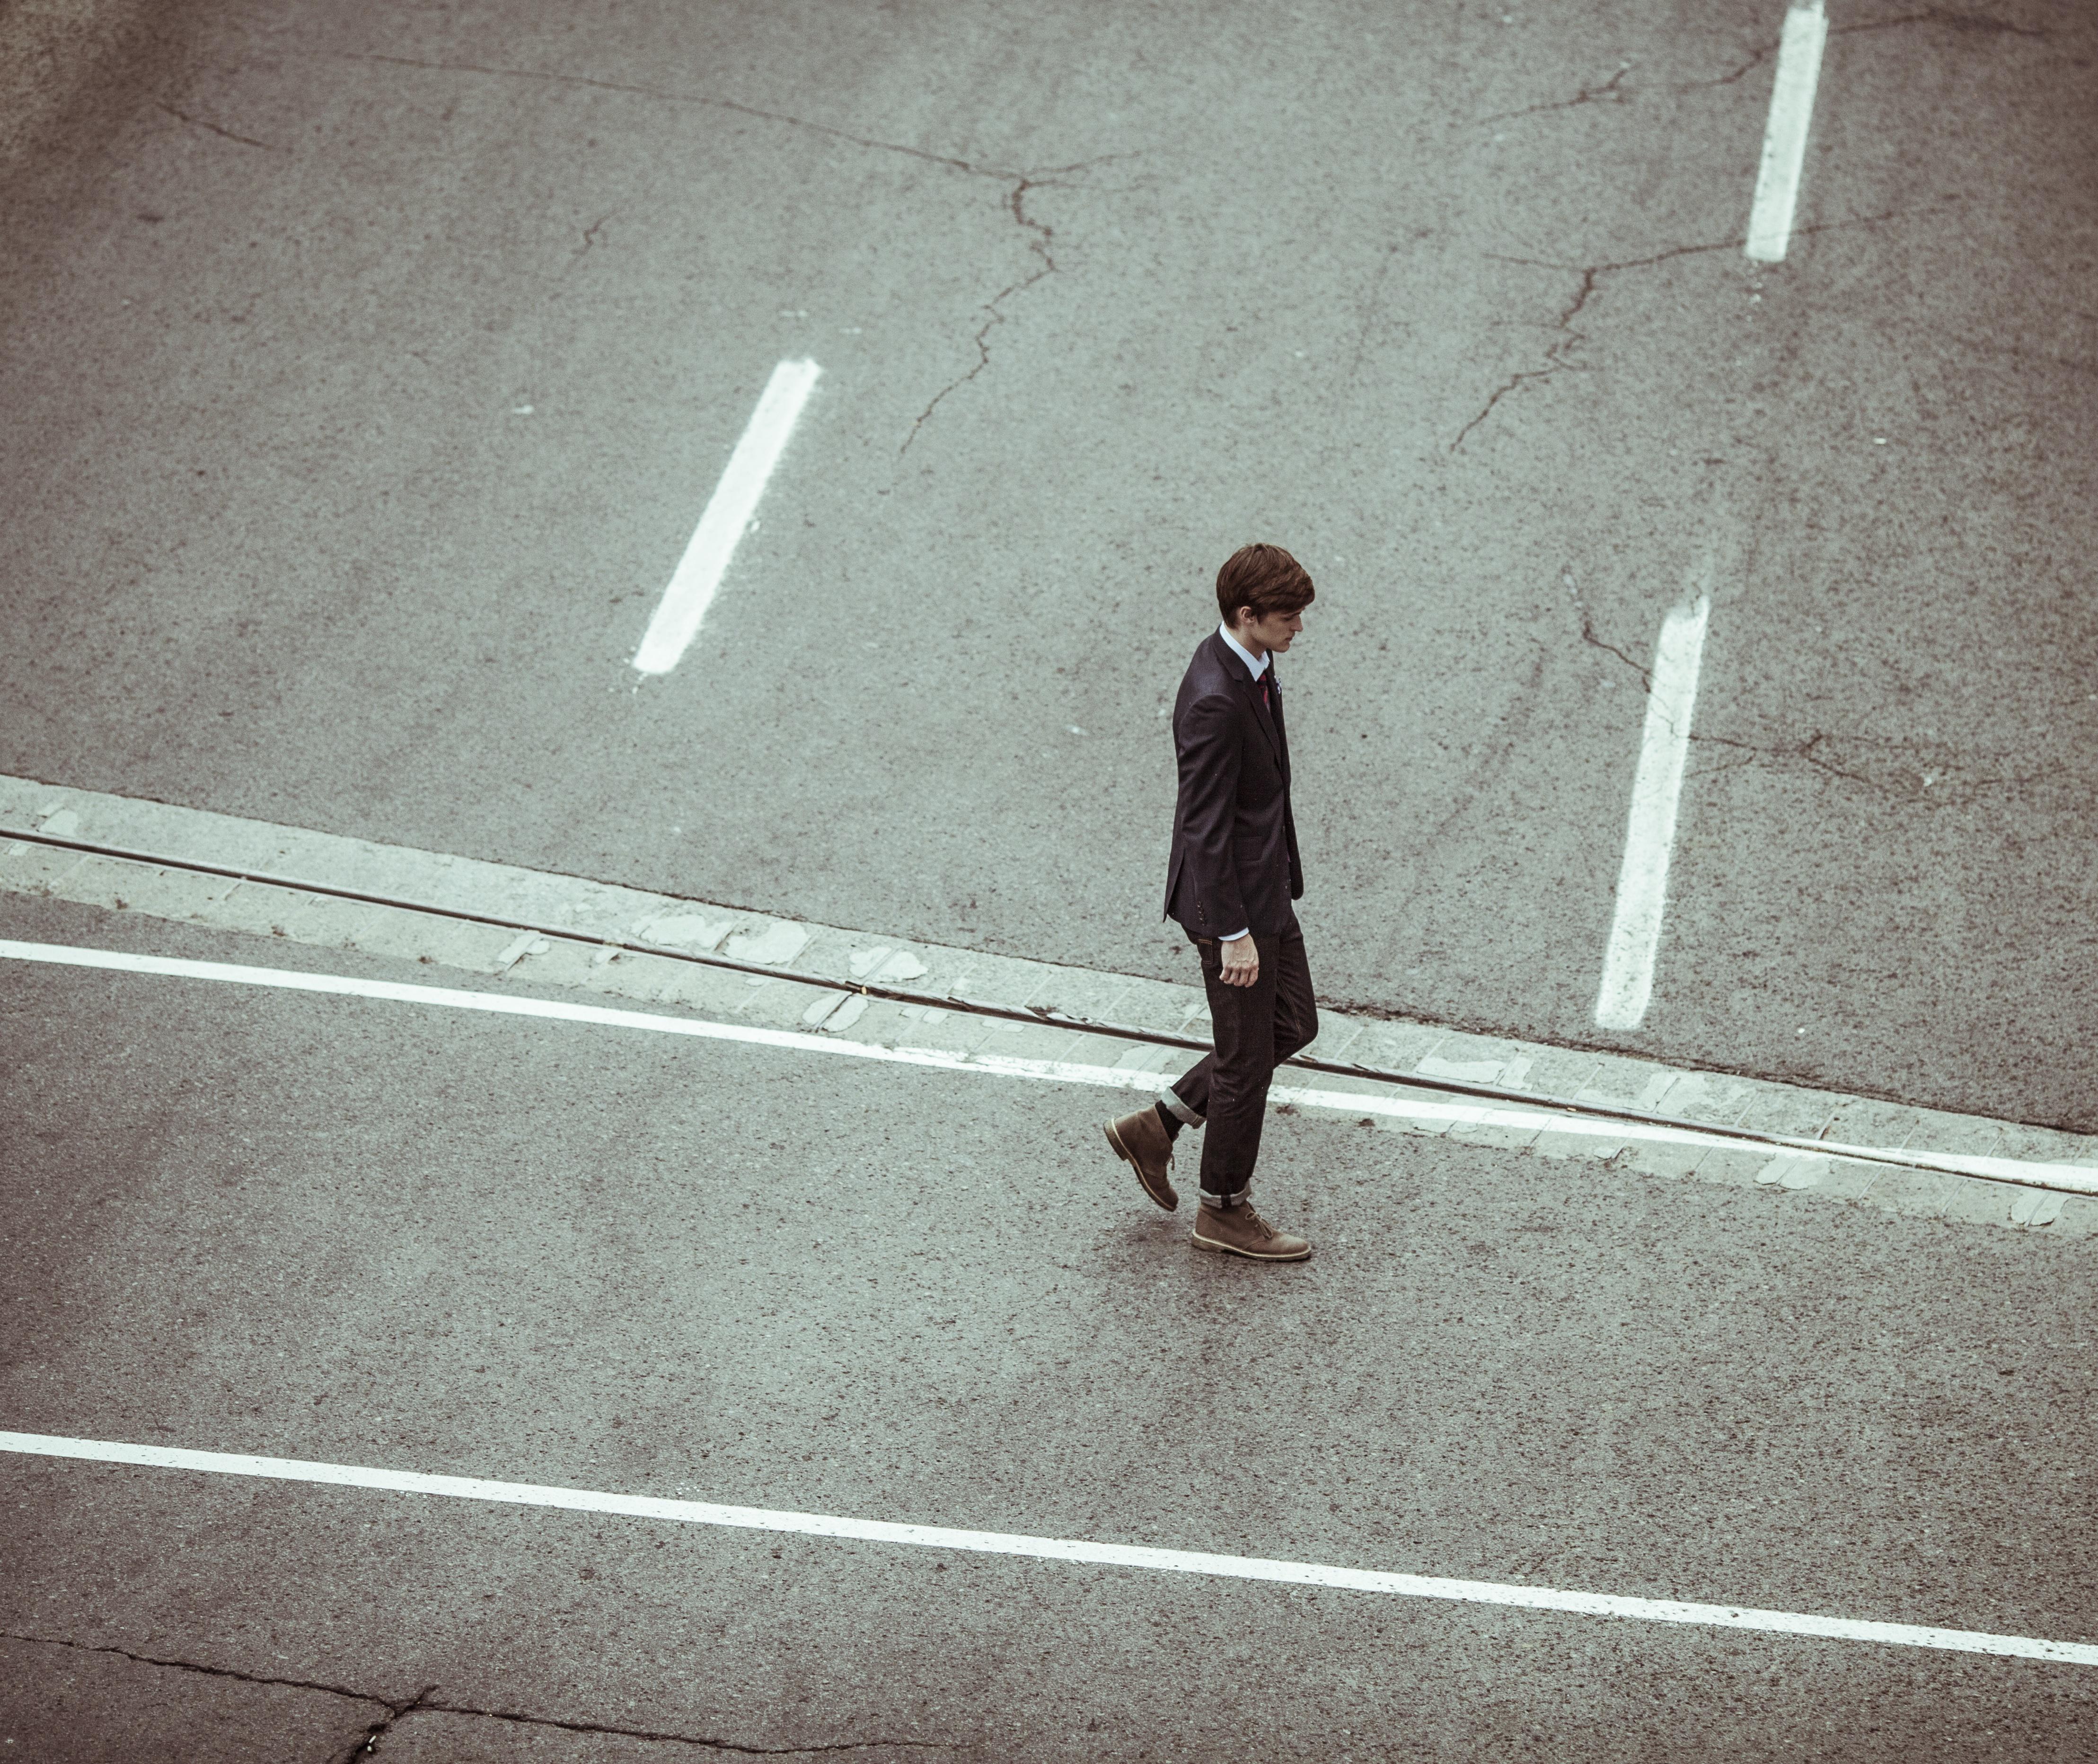 Mann im Anzug läuf allein über Straße